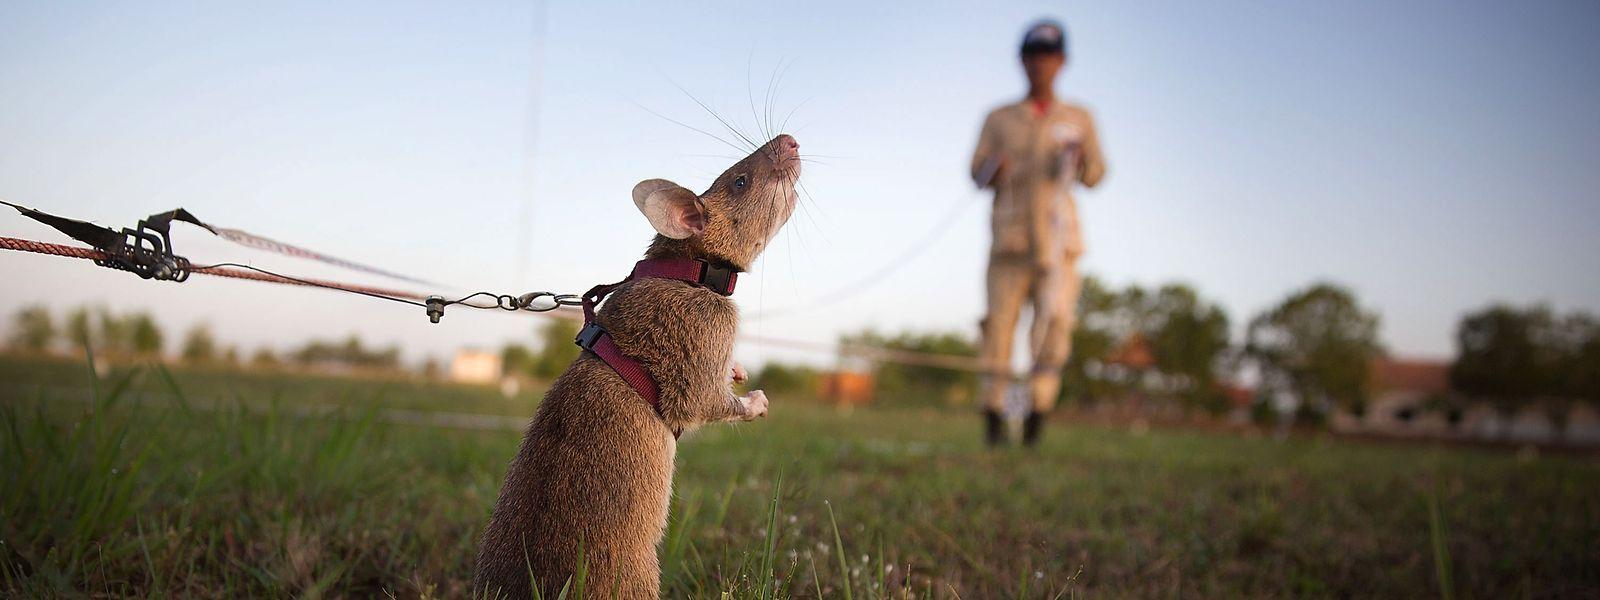 Die Landminenentschärfung ist teuer – bis zu 1000 Dollar pro Stück. Daher setzt die staatliche Minenräumungsbehörde, das Cambodian Mine Action Centre, immer häufiger auf die tierischen Helfer.